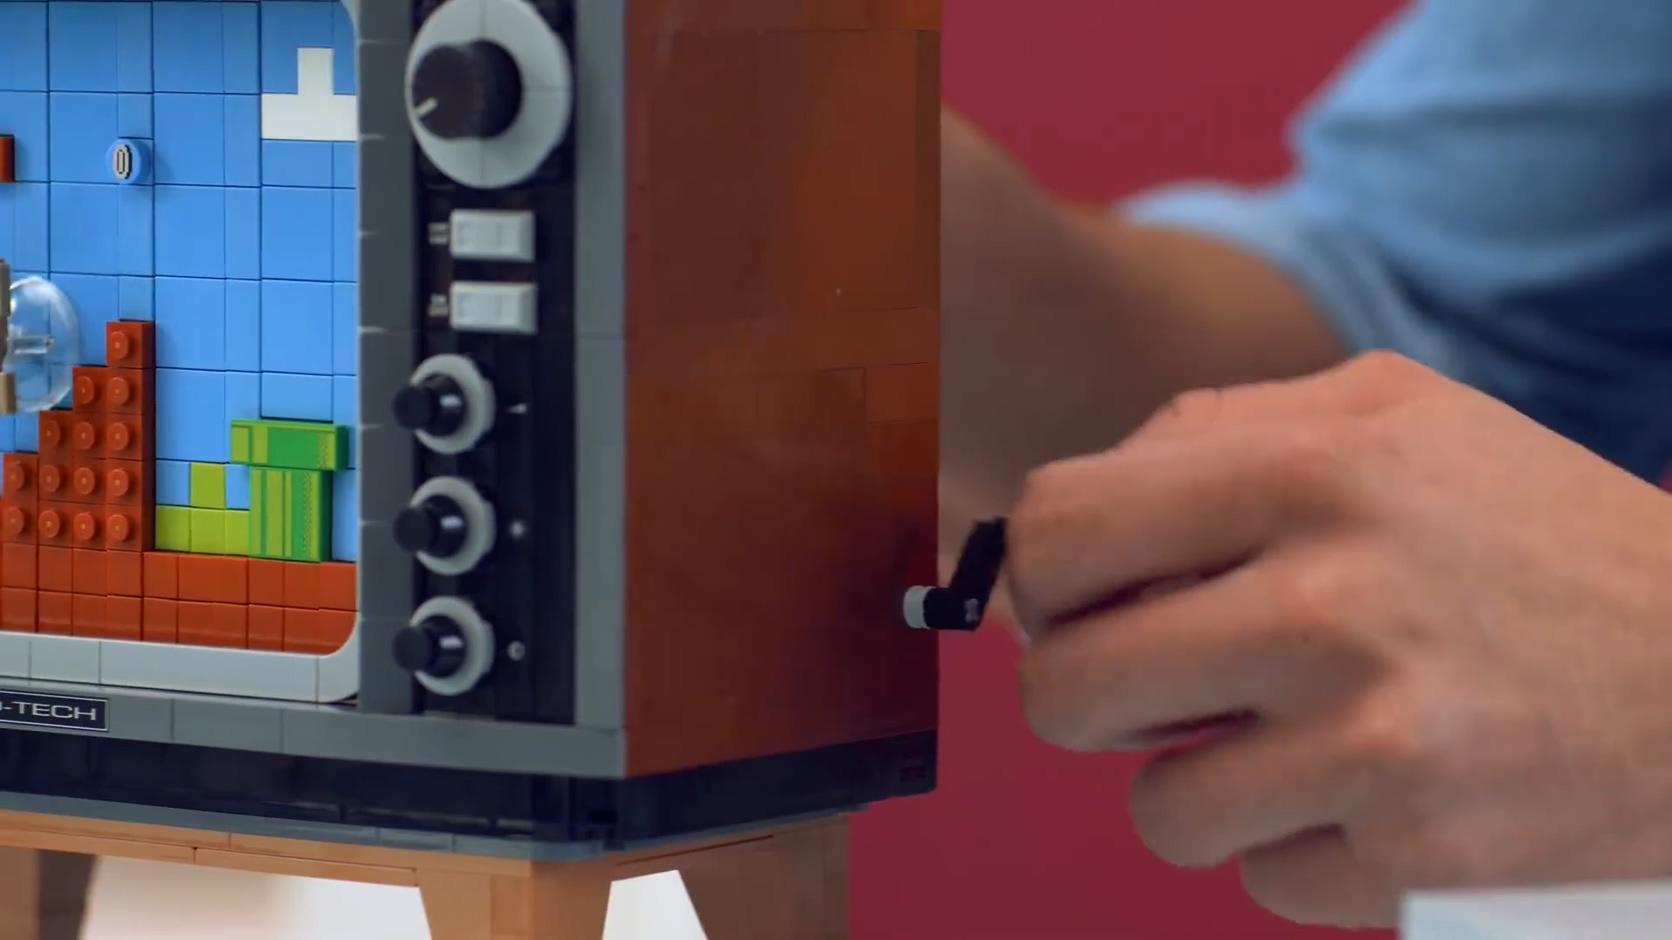 乐高NES套装首个预告视频公开 8月1日发售